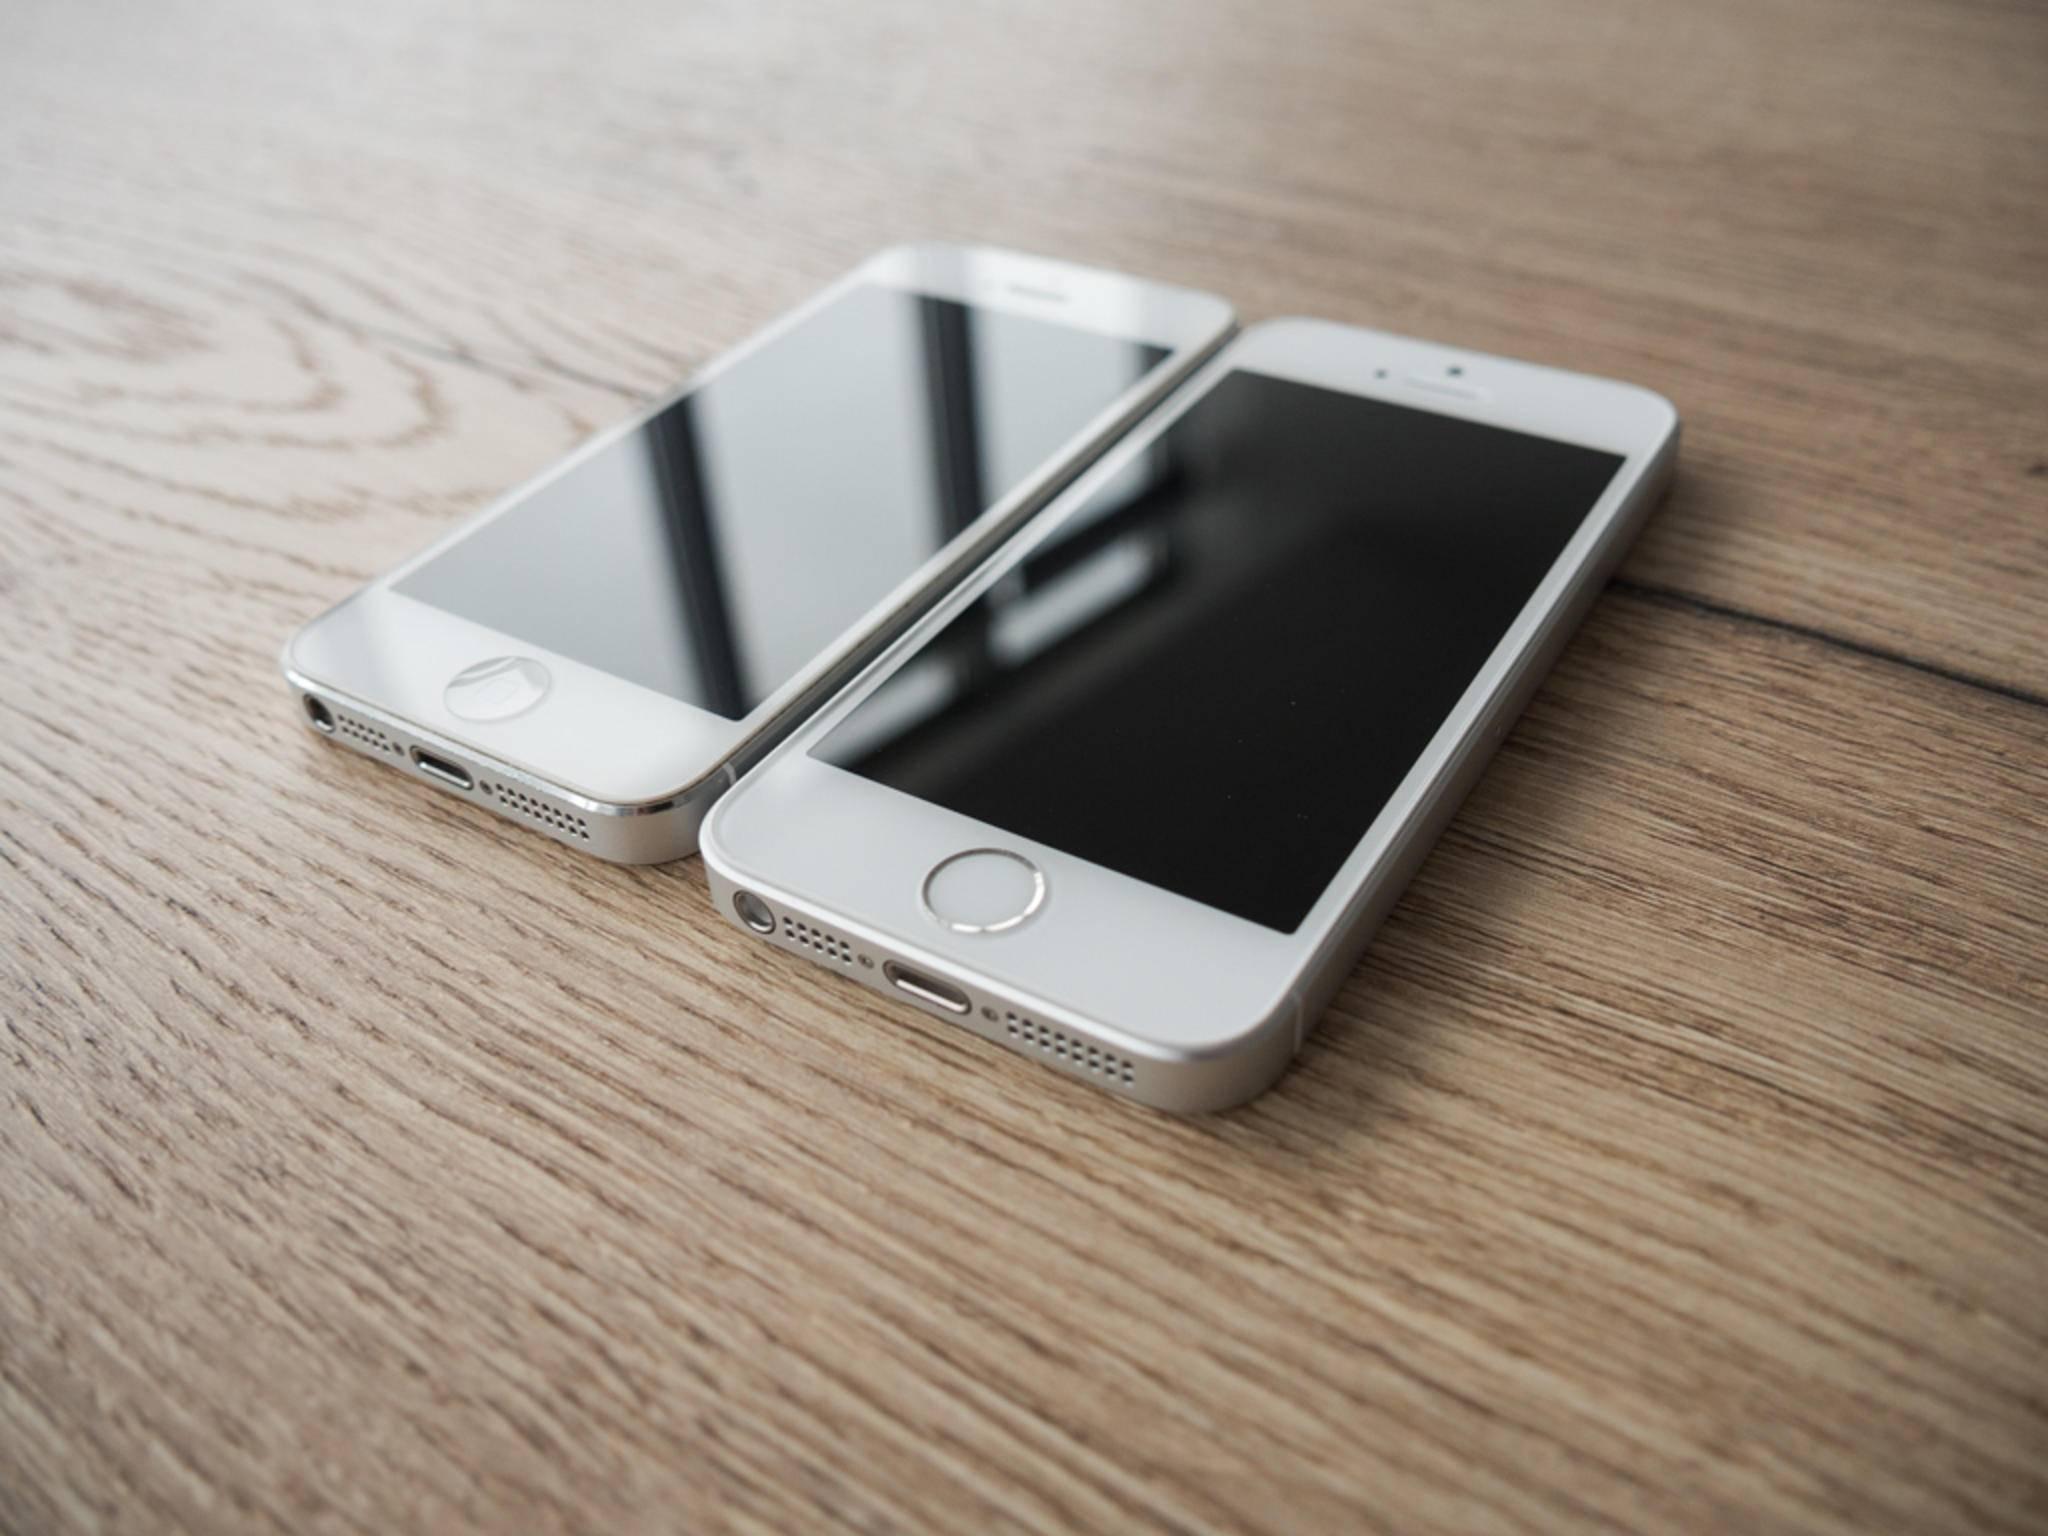 Die Abmessungen beider Smartphones sind identisch.